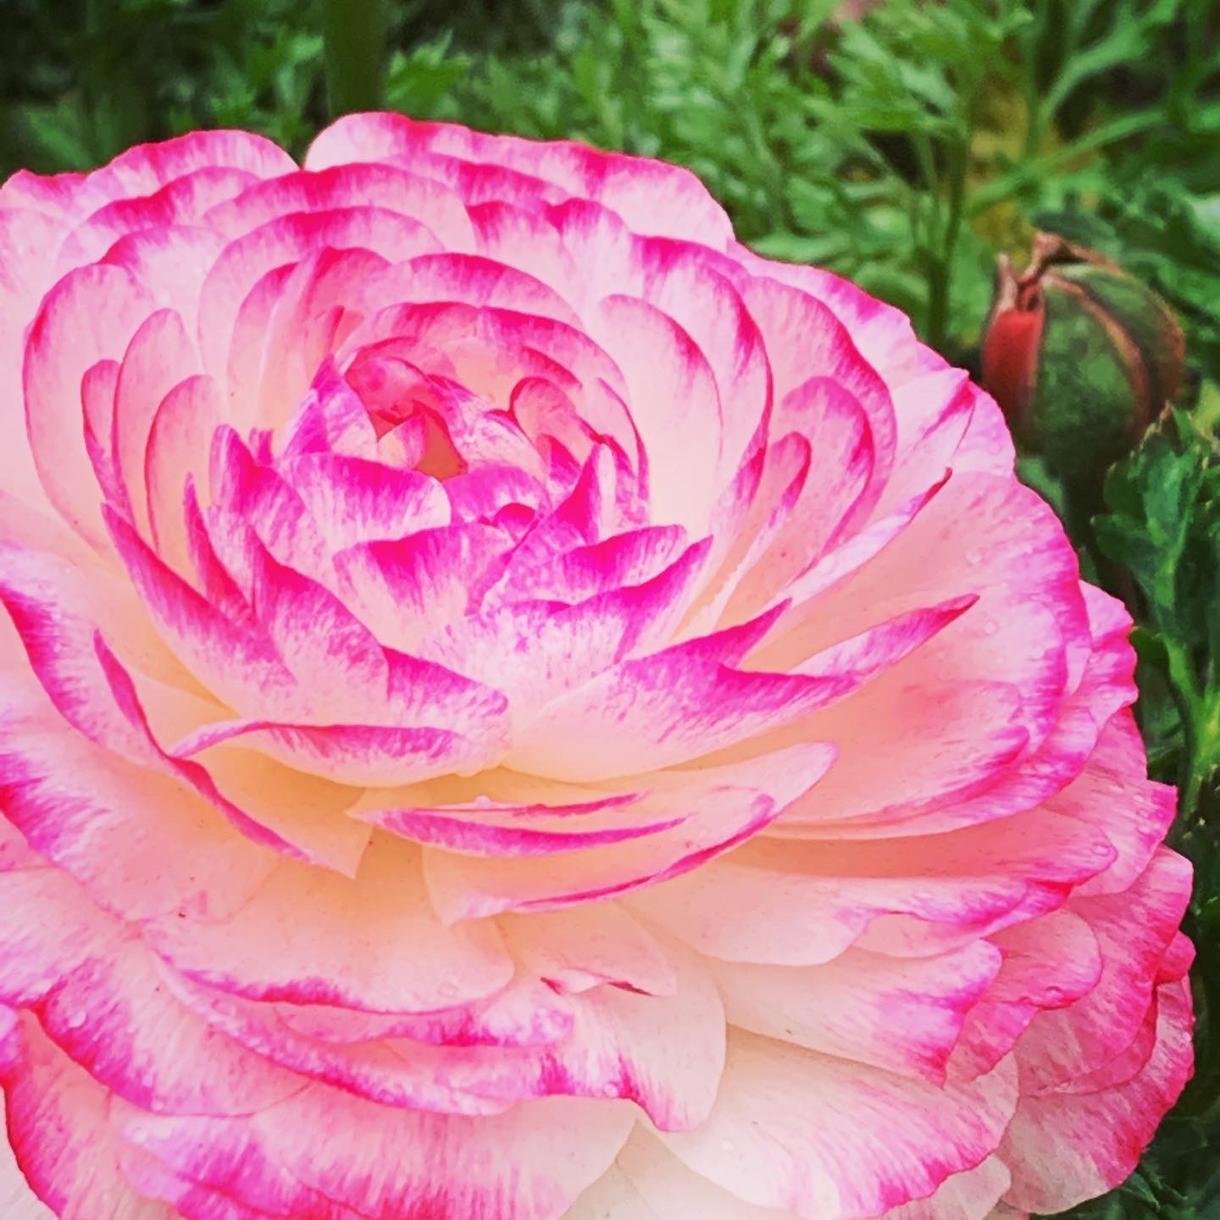 印象に残る季節の草花の写真を提供します 自然の色とりどりの草花で、より鮮やかな日常にします イメージ1